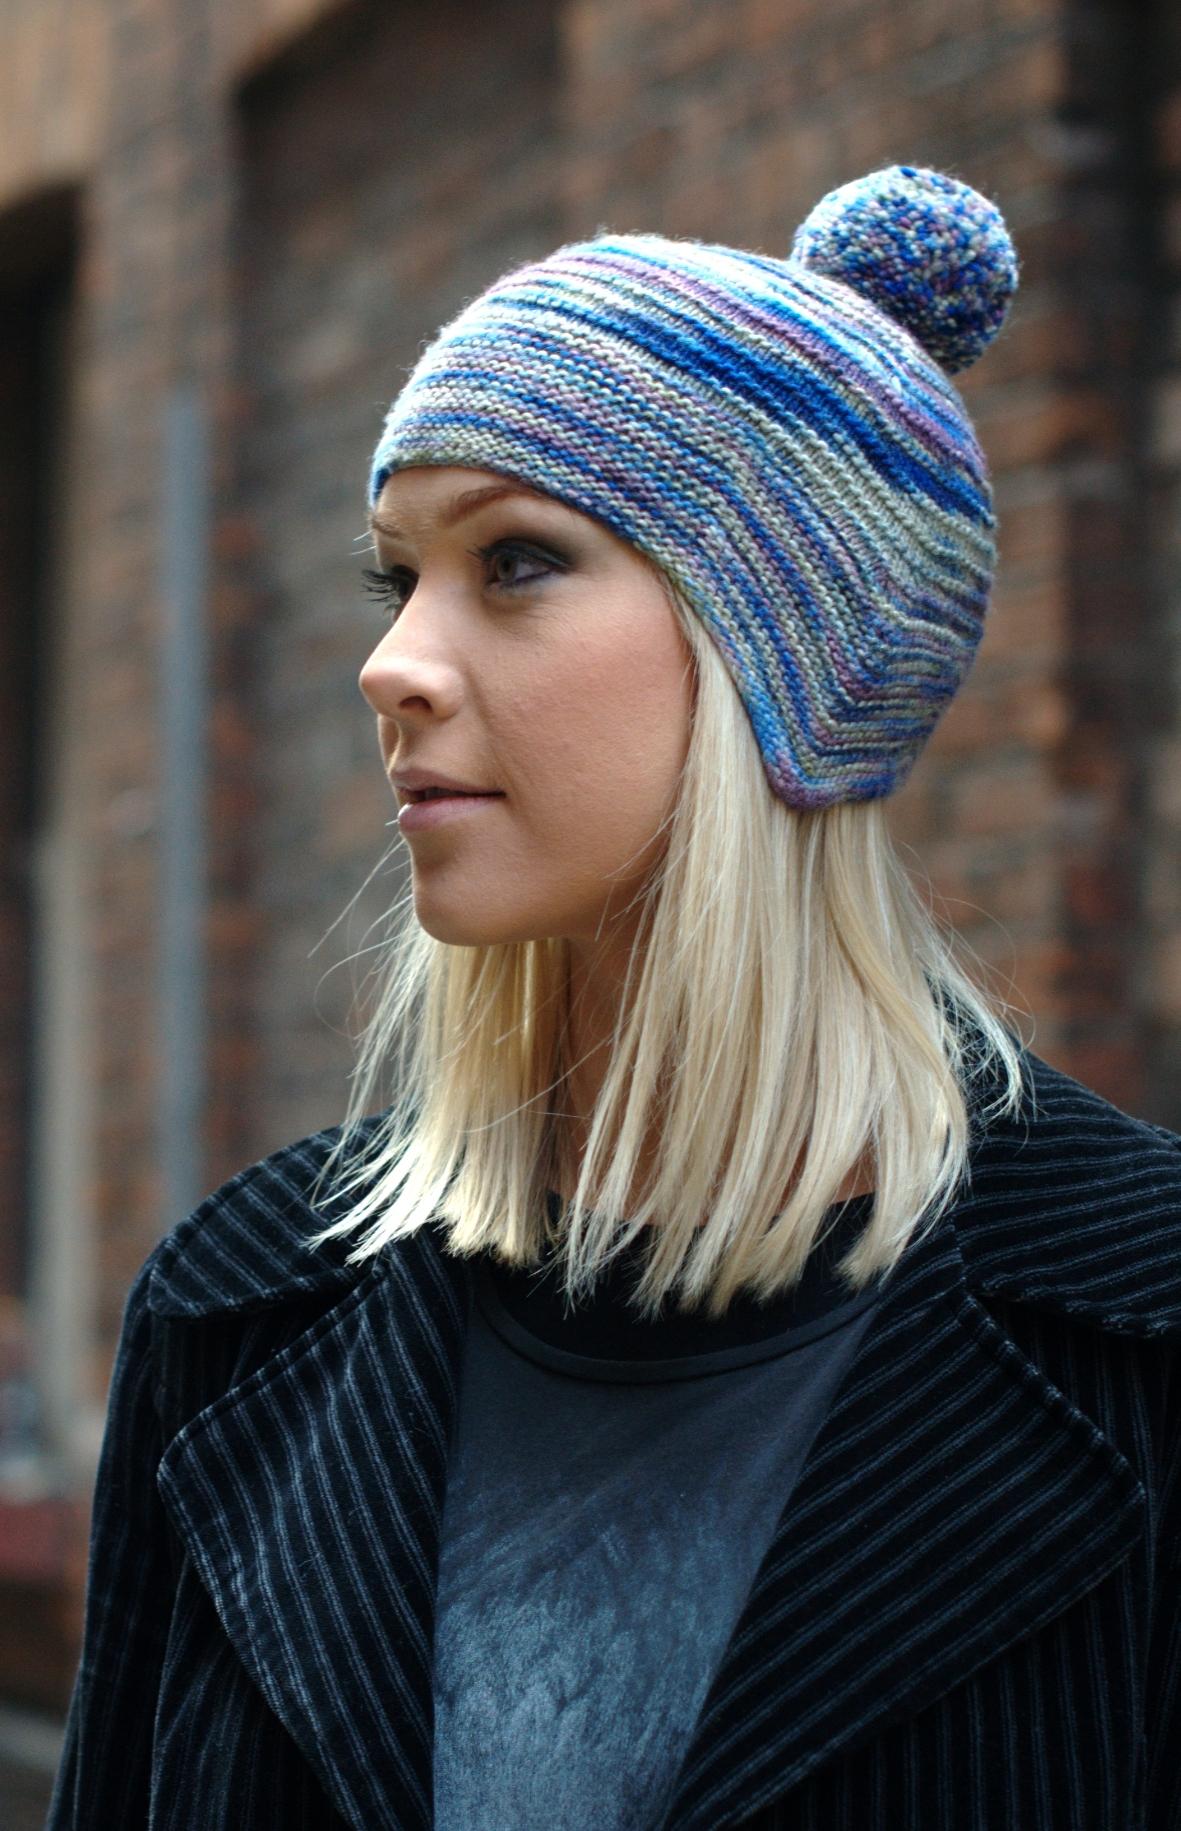 Cornice chullo Hat knitting pattern